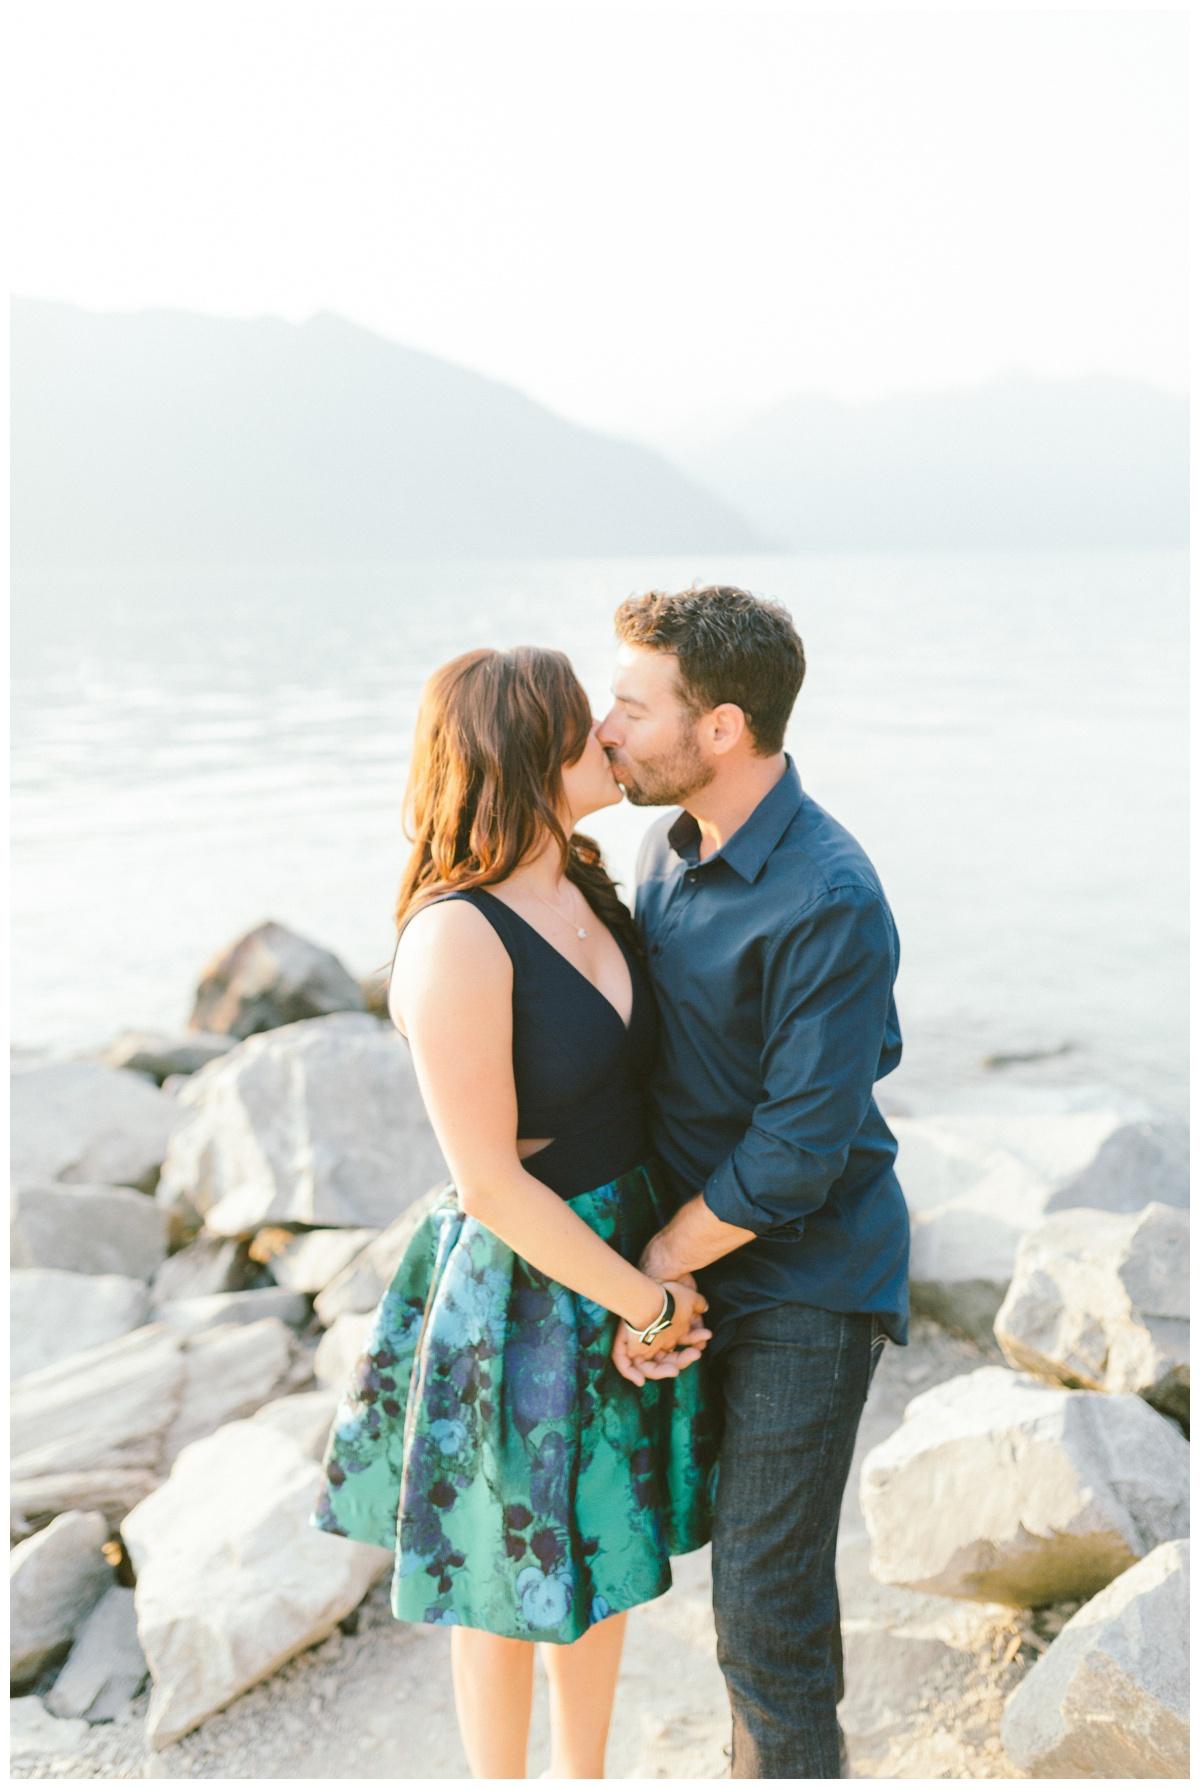 Mattie C. Hong Kong Vancouver Fine Art Wedding Prewedding Photographer 25.jpg